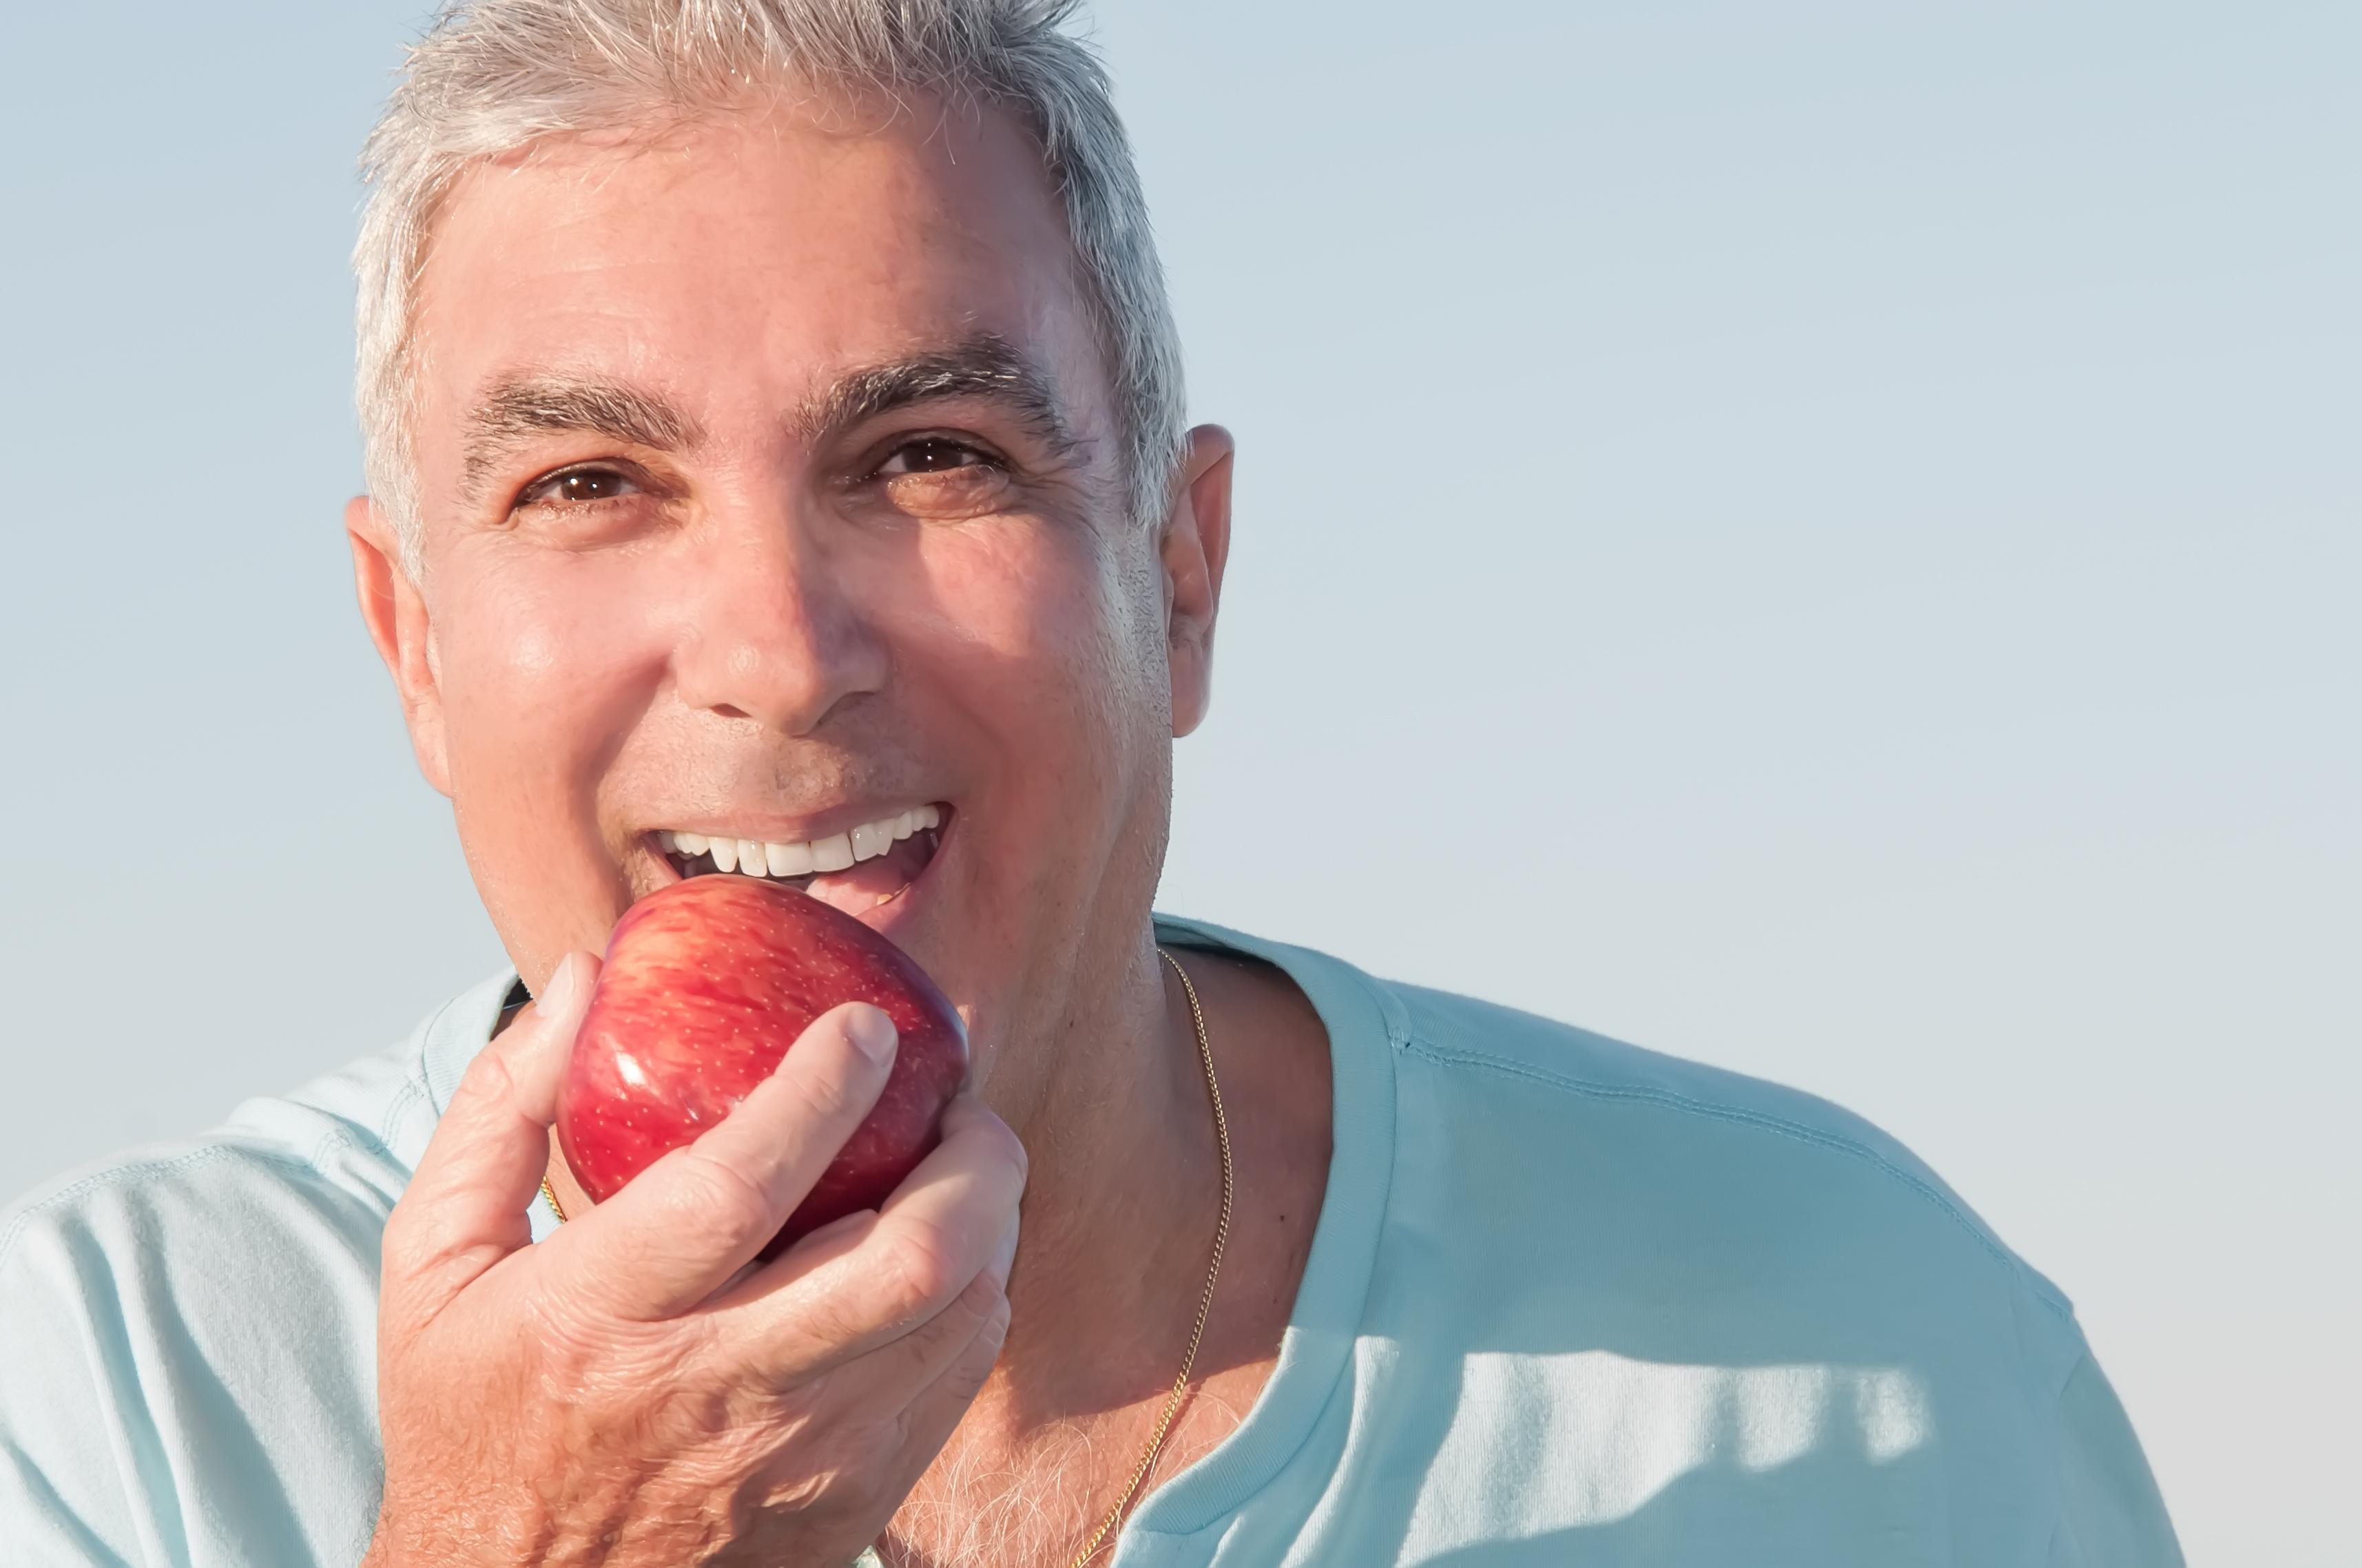 high blood sugar diet